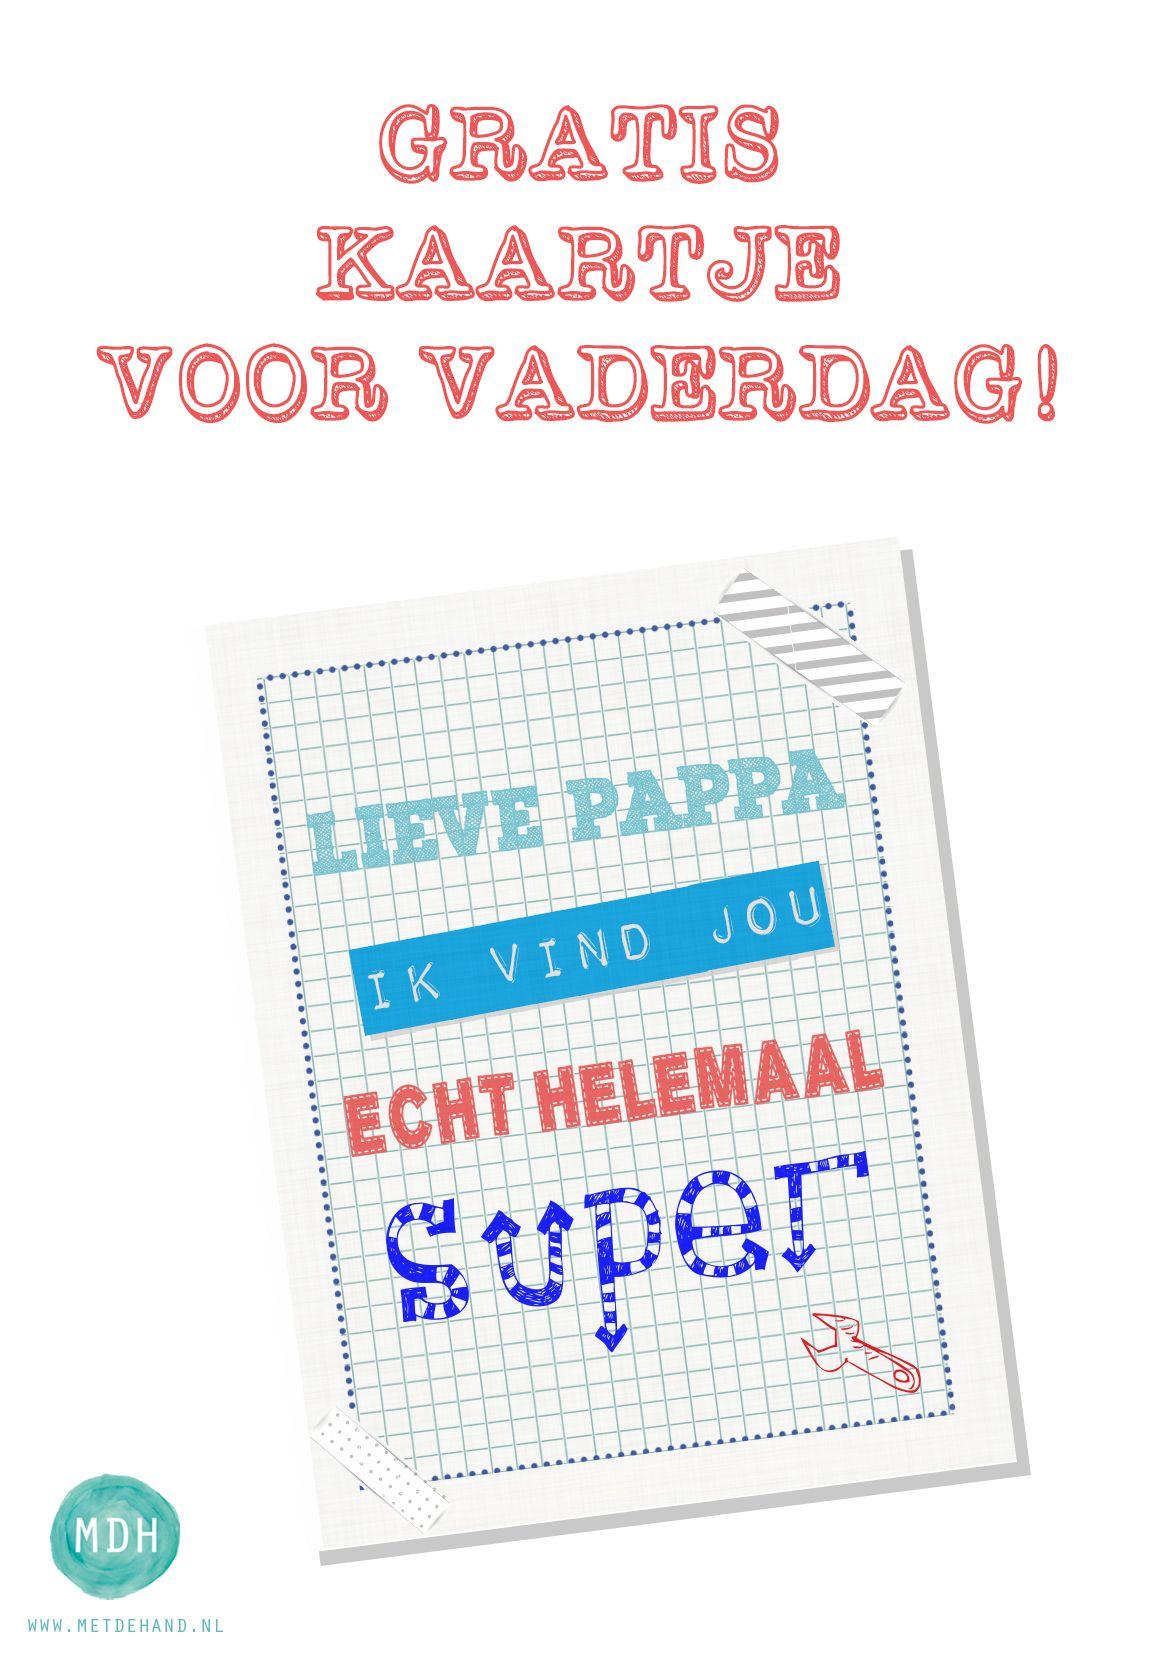 Gratis Kaart Voor Vaderdag Van Http Www Metdehand Nl Blog Gratis Downloads Op Een Leuke Manier Verwerkt In Een F Vaderdag Vaderdagkaarten Vaderdag Knutselen